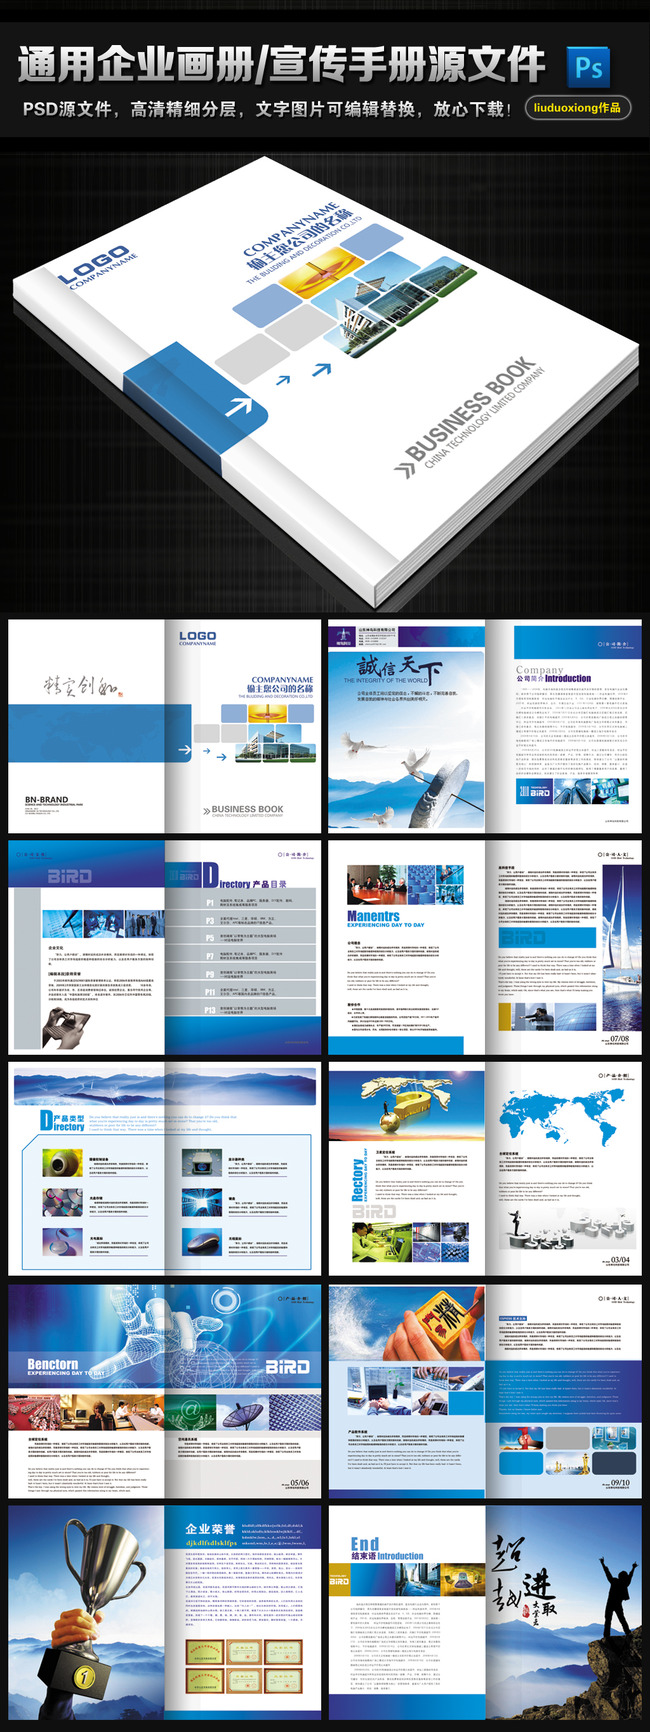 时尚蓝色高档公司文化企业画册产品宣传册模板下载(:)图片